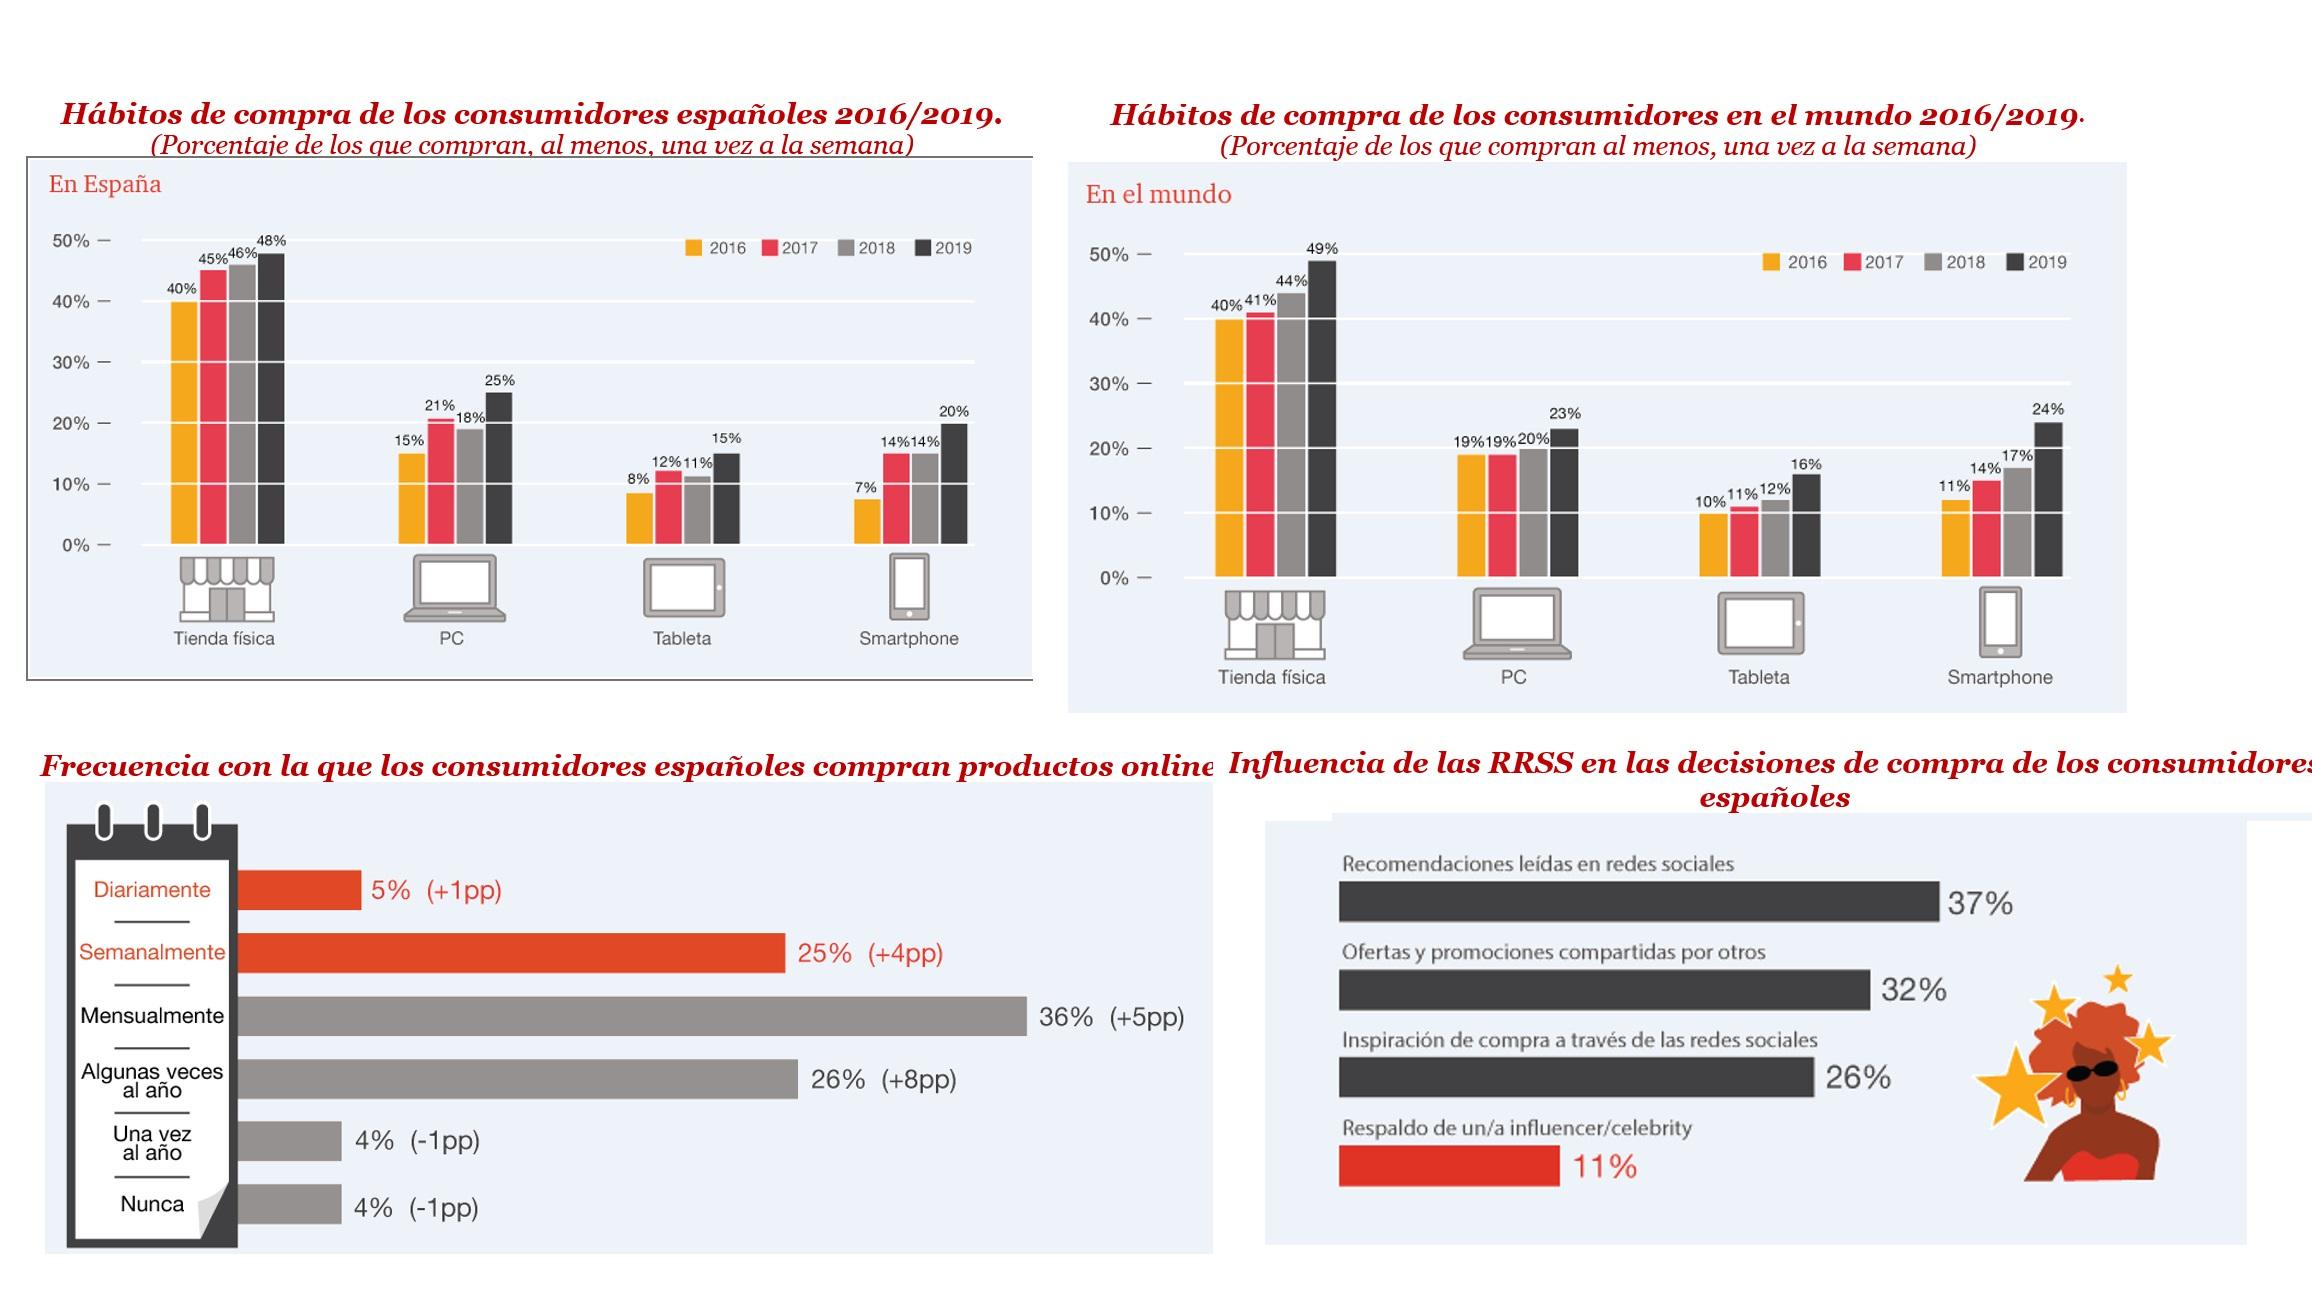 https://www.programapublicidad.com/wp-content/uploads/2019/03/habitos-de-compra-consumidores-españoles-pwc-global-consumer-insights-survey-2019-programapublicidad-muy-grande.jpg